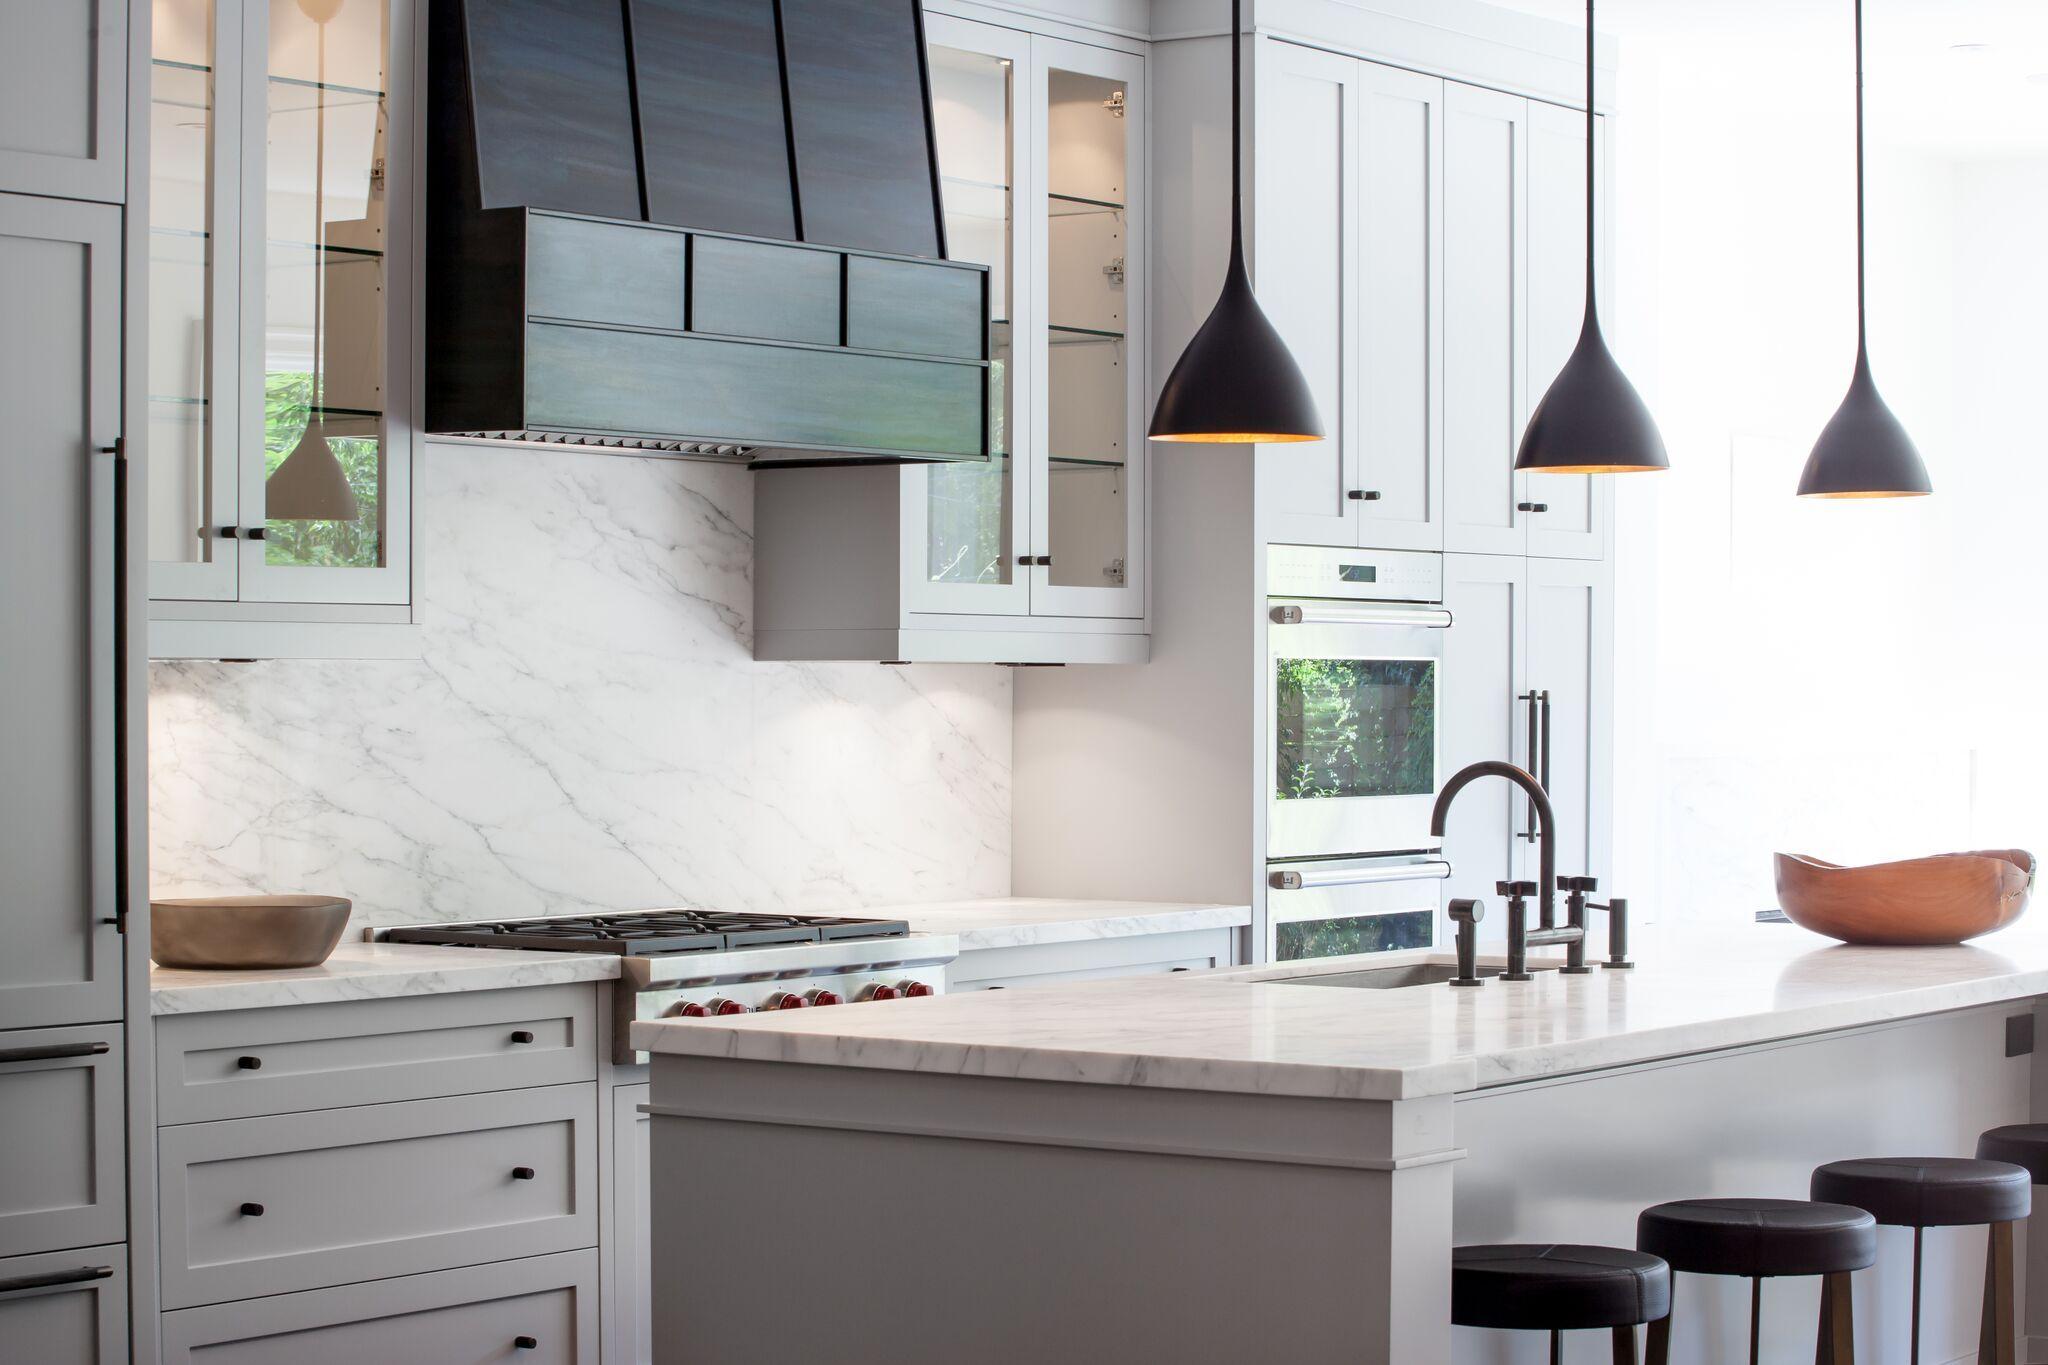 Kitchen_1.jpg (2048×1365)